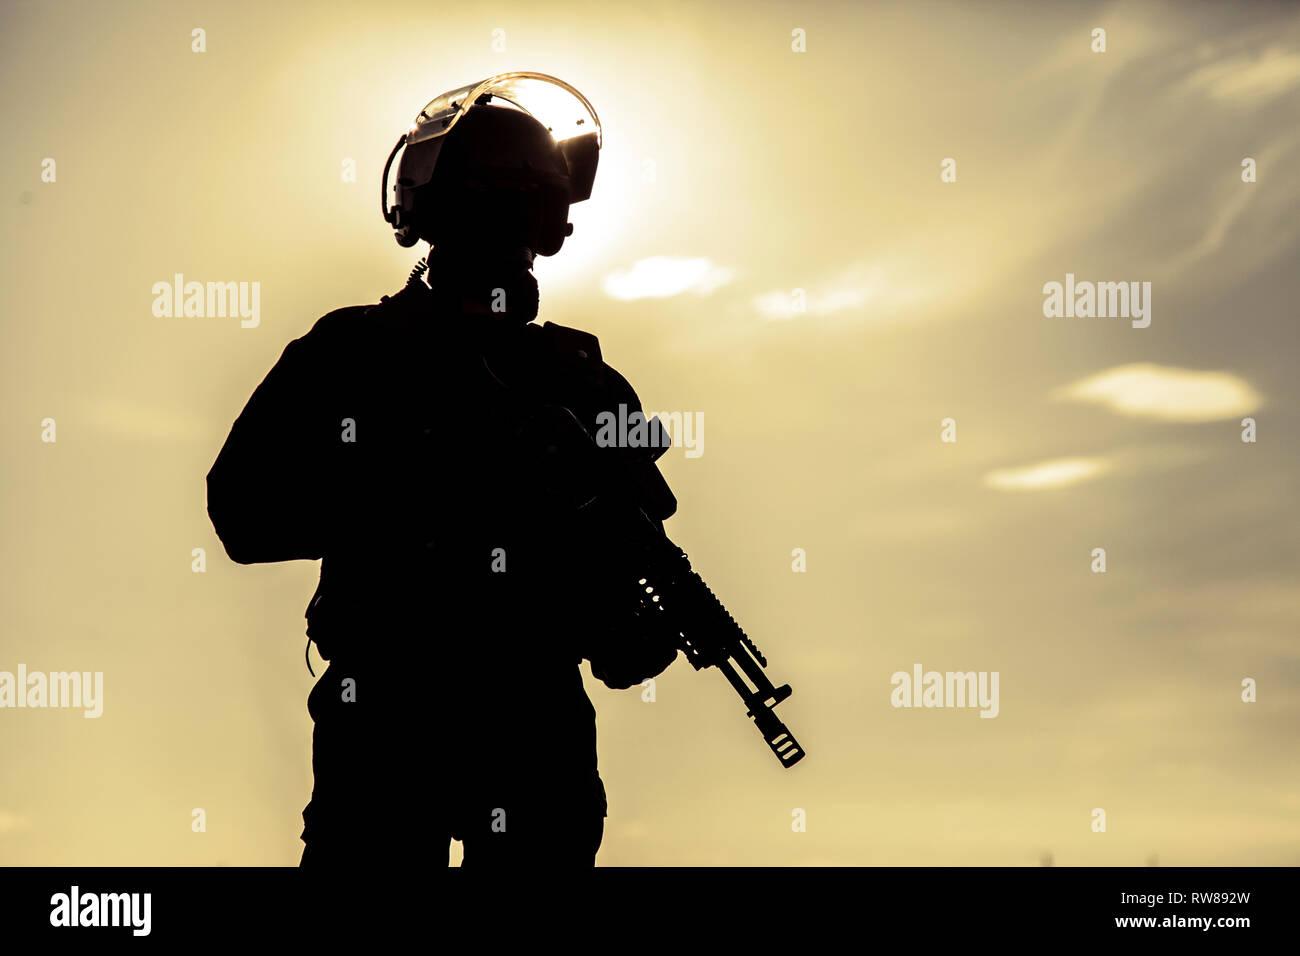 Silhouette von Special Forces Betreiber mit Waffe. Stockbild